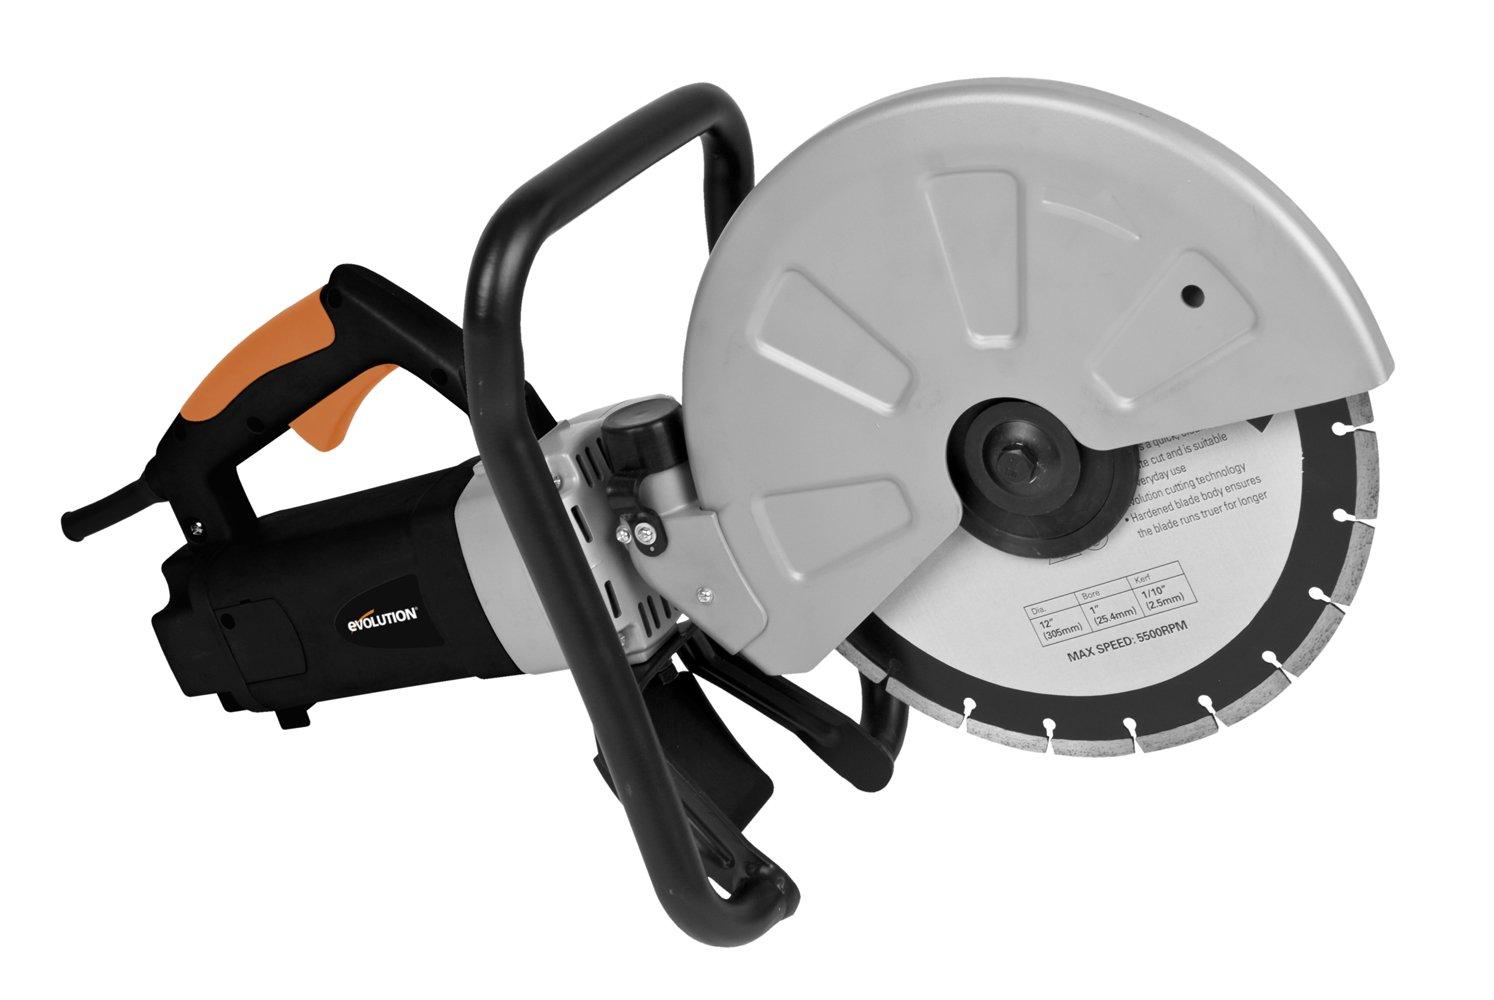 Evolution DISCCUT1 12-Inch Disc Cutter, Orange